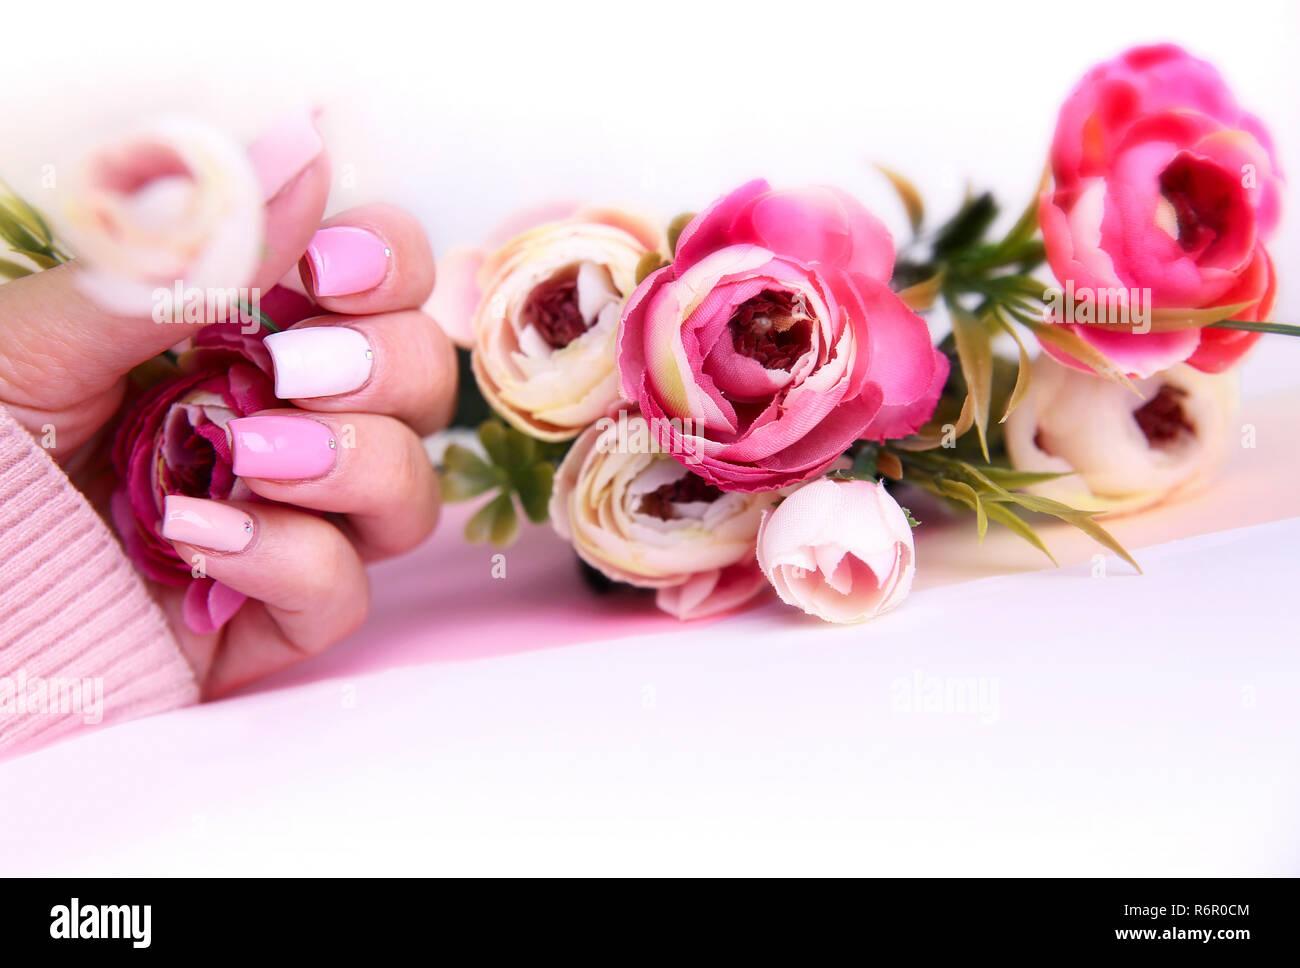 Manicura Diseno De Unas Decoradas Con Flores Manos De Mujer Con